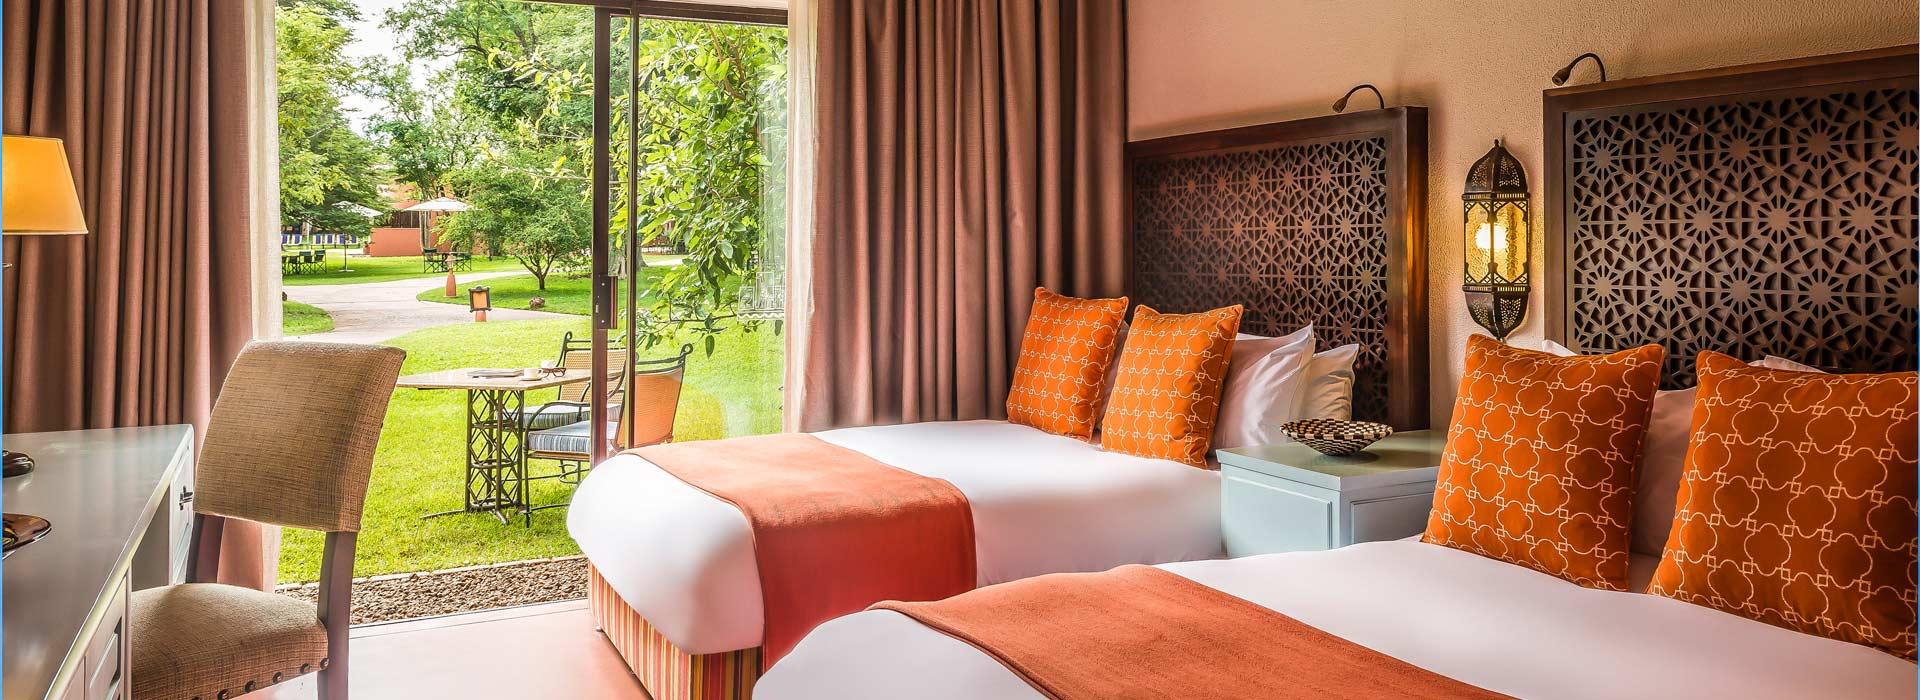 Luxury accommodation of Zambia Hotels near Victoria falls